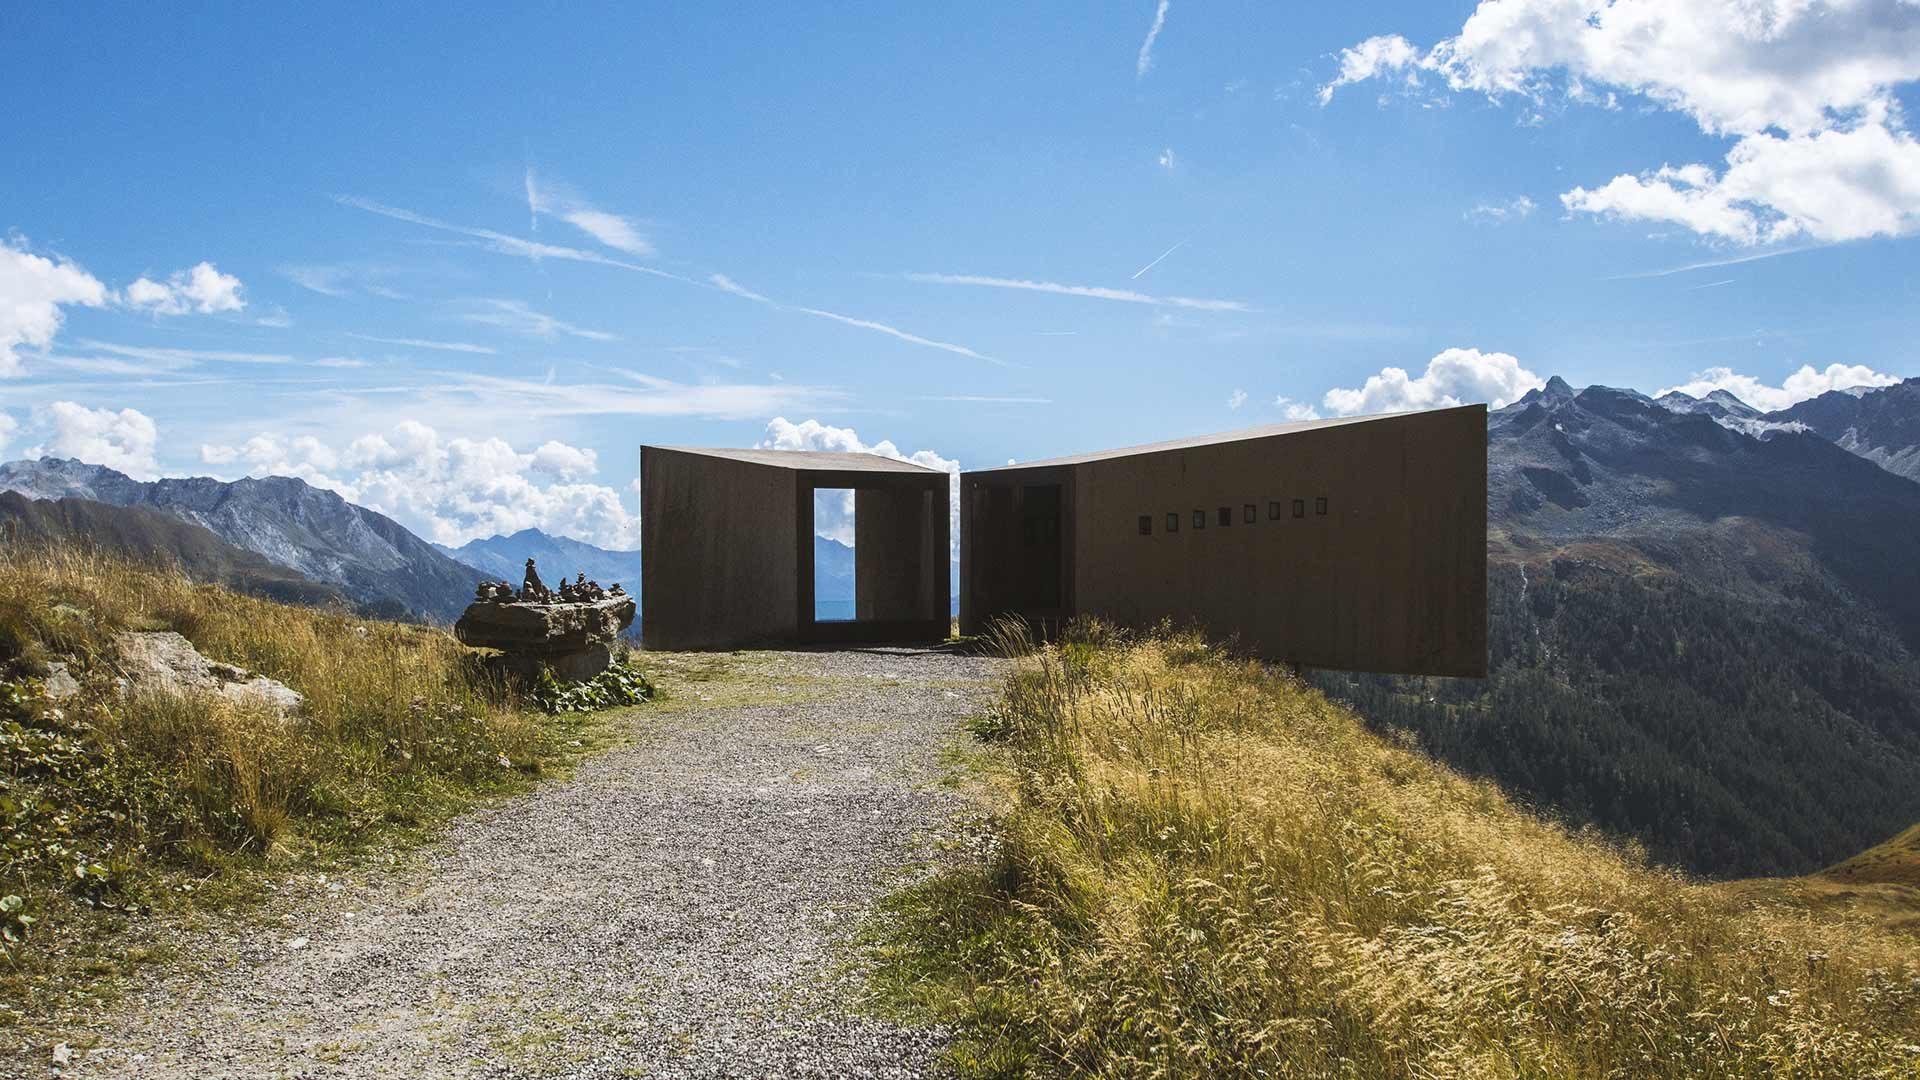 Passmuseum am Timmelsjoch